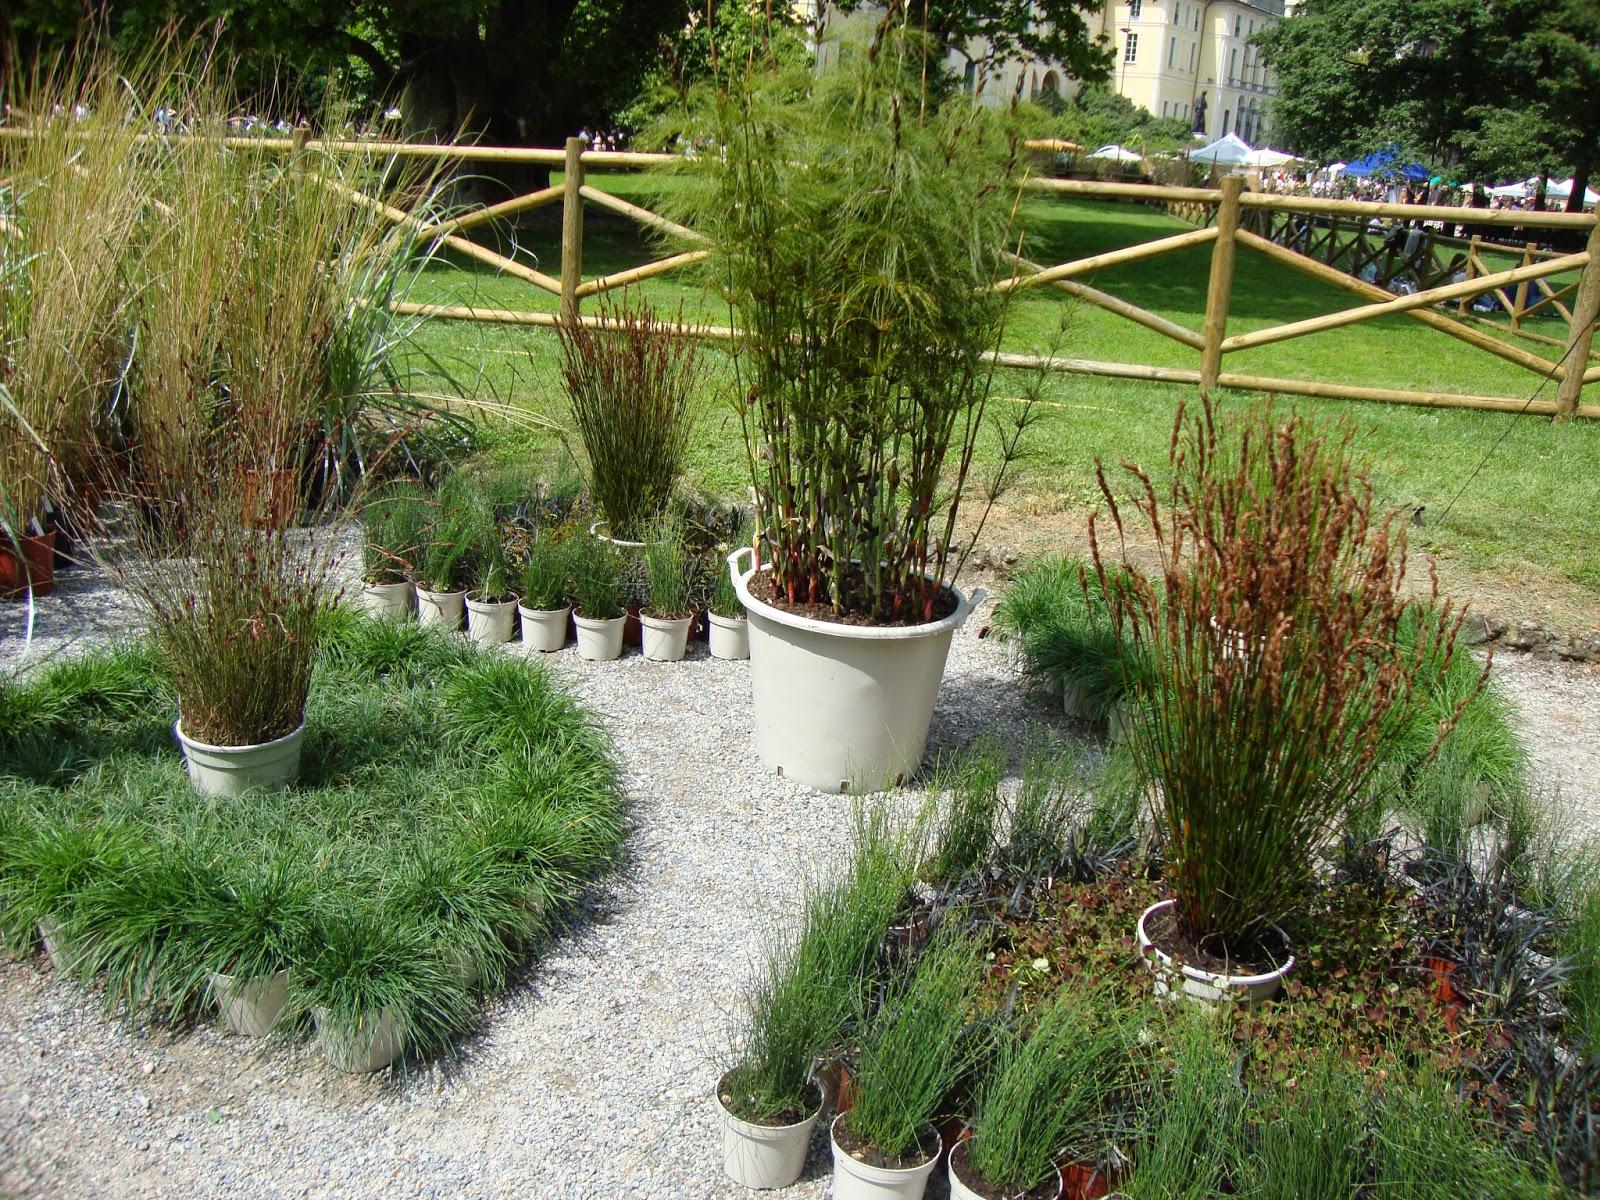 un piccolo giardino in città: orticola 2014: gli allestimenti - Piccolo Giardino Allitaliana